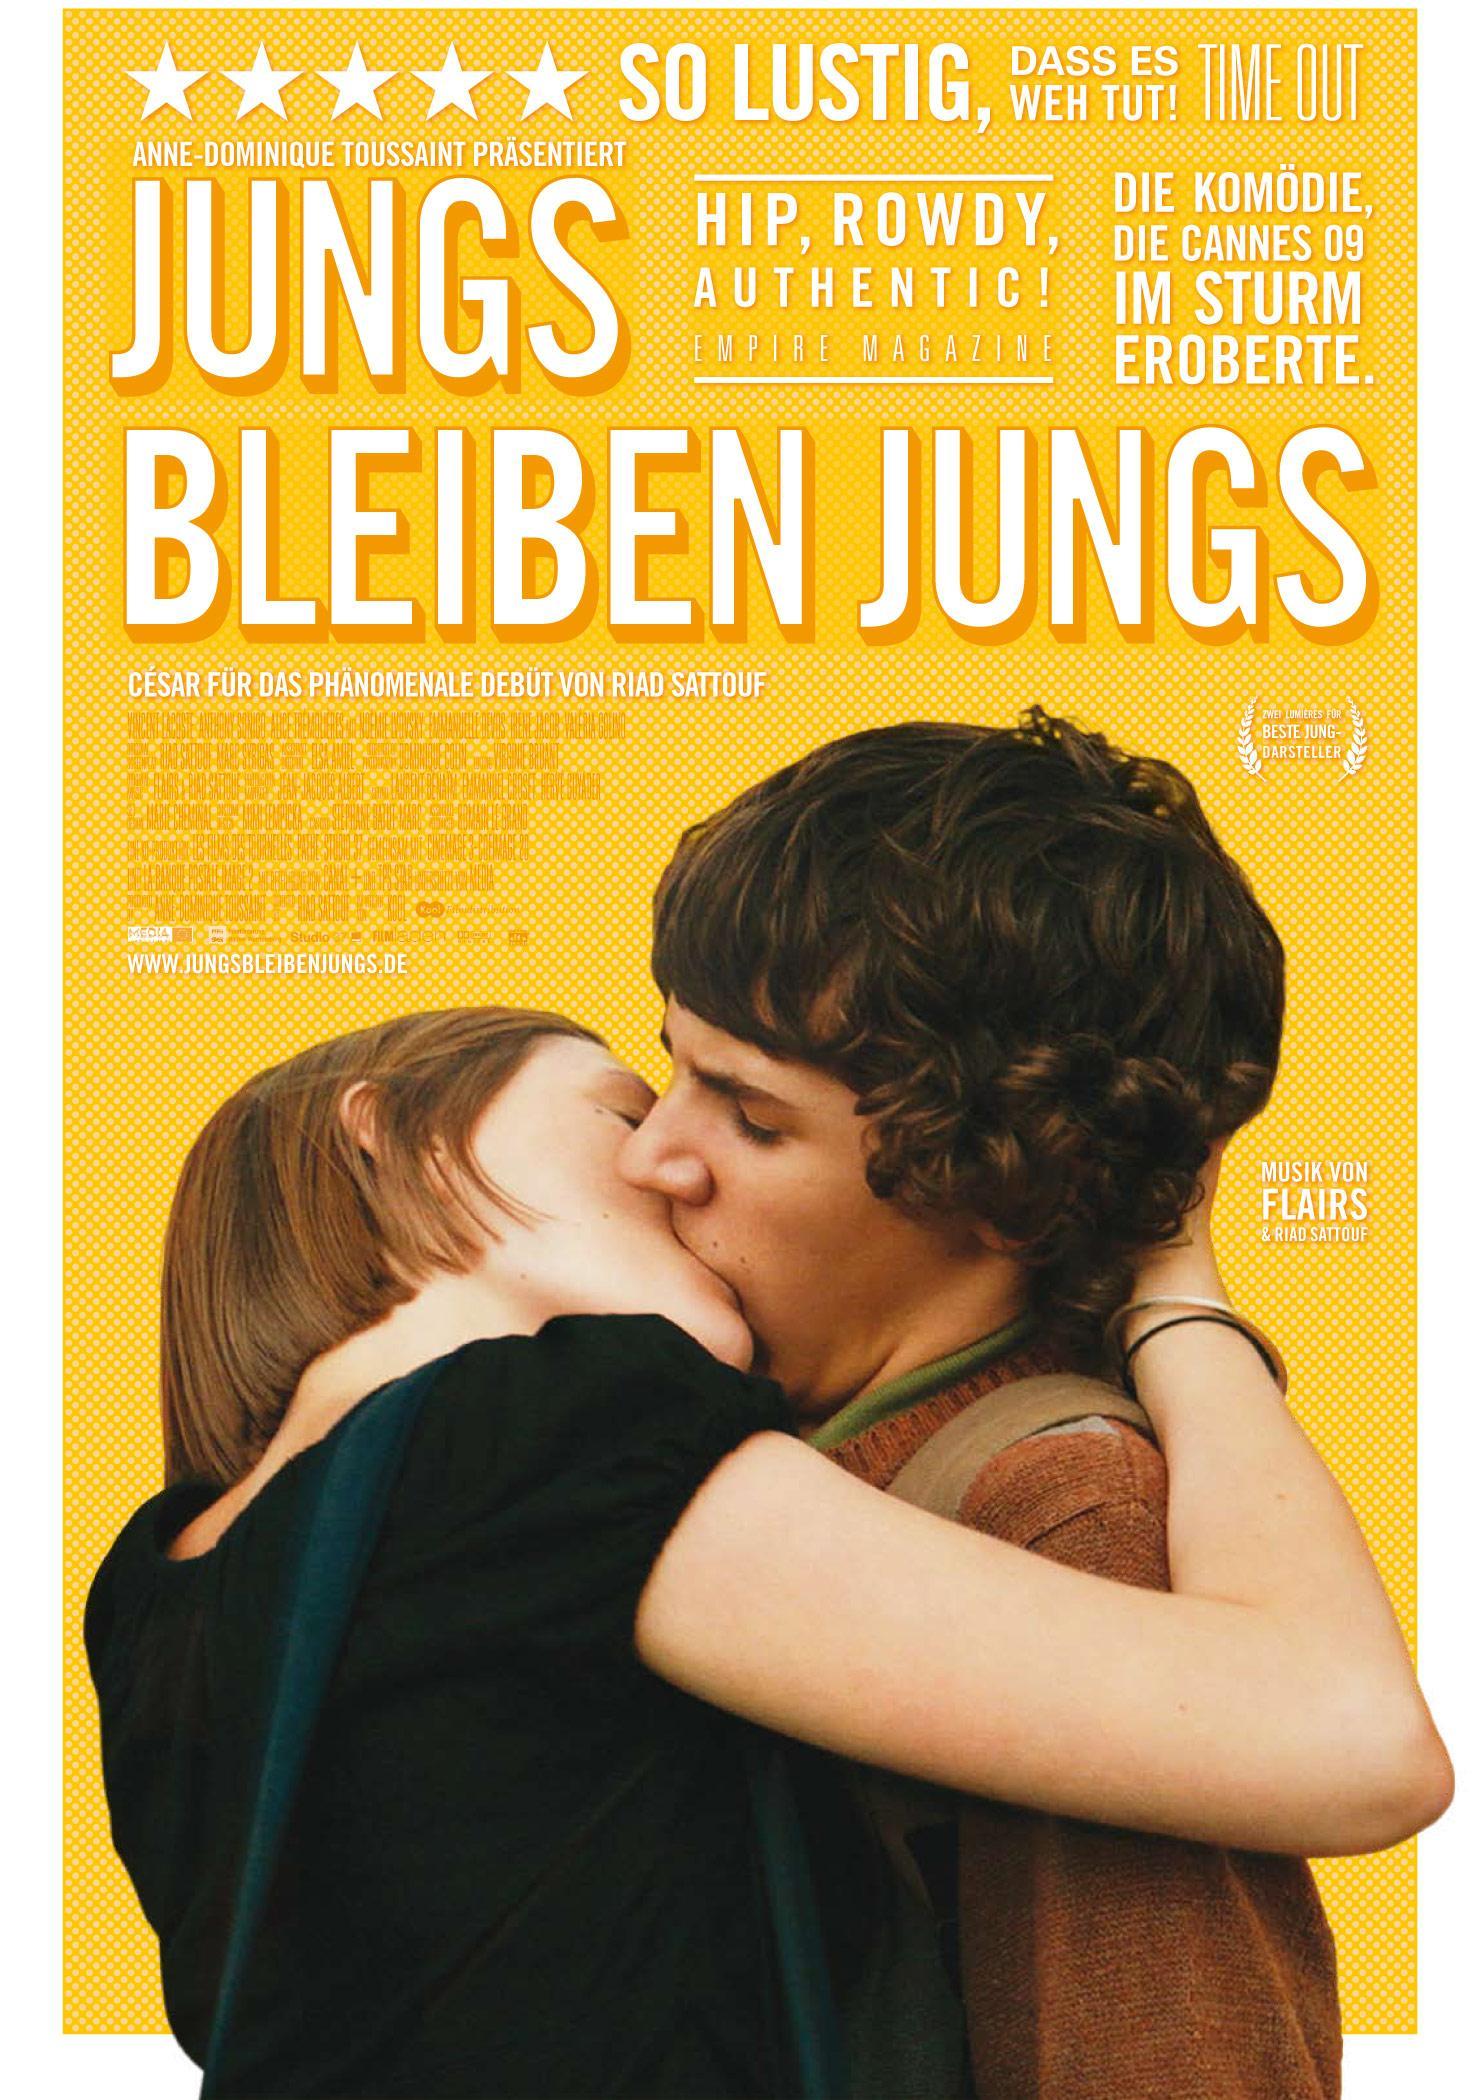 Jungs bleiben Jungs (Poster)